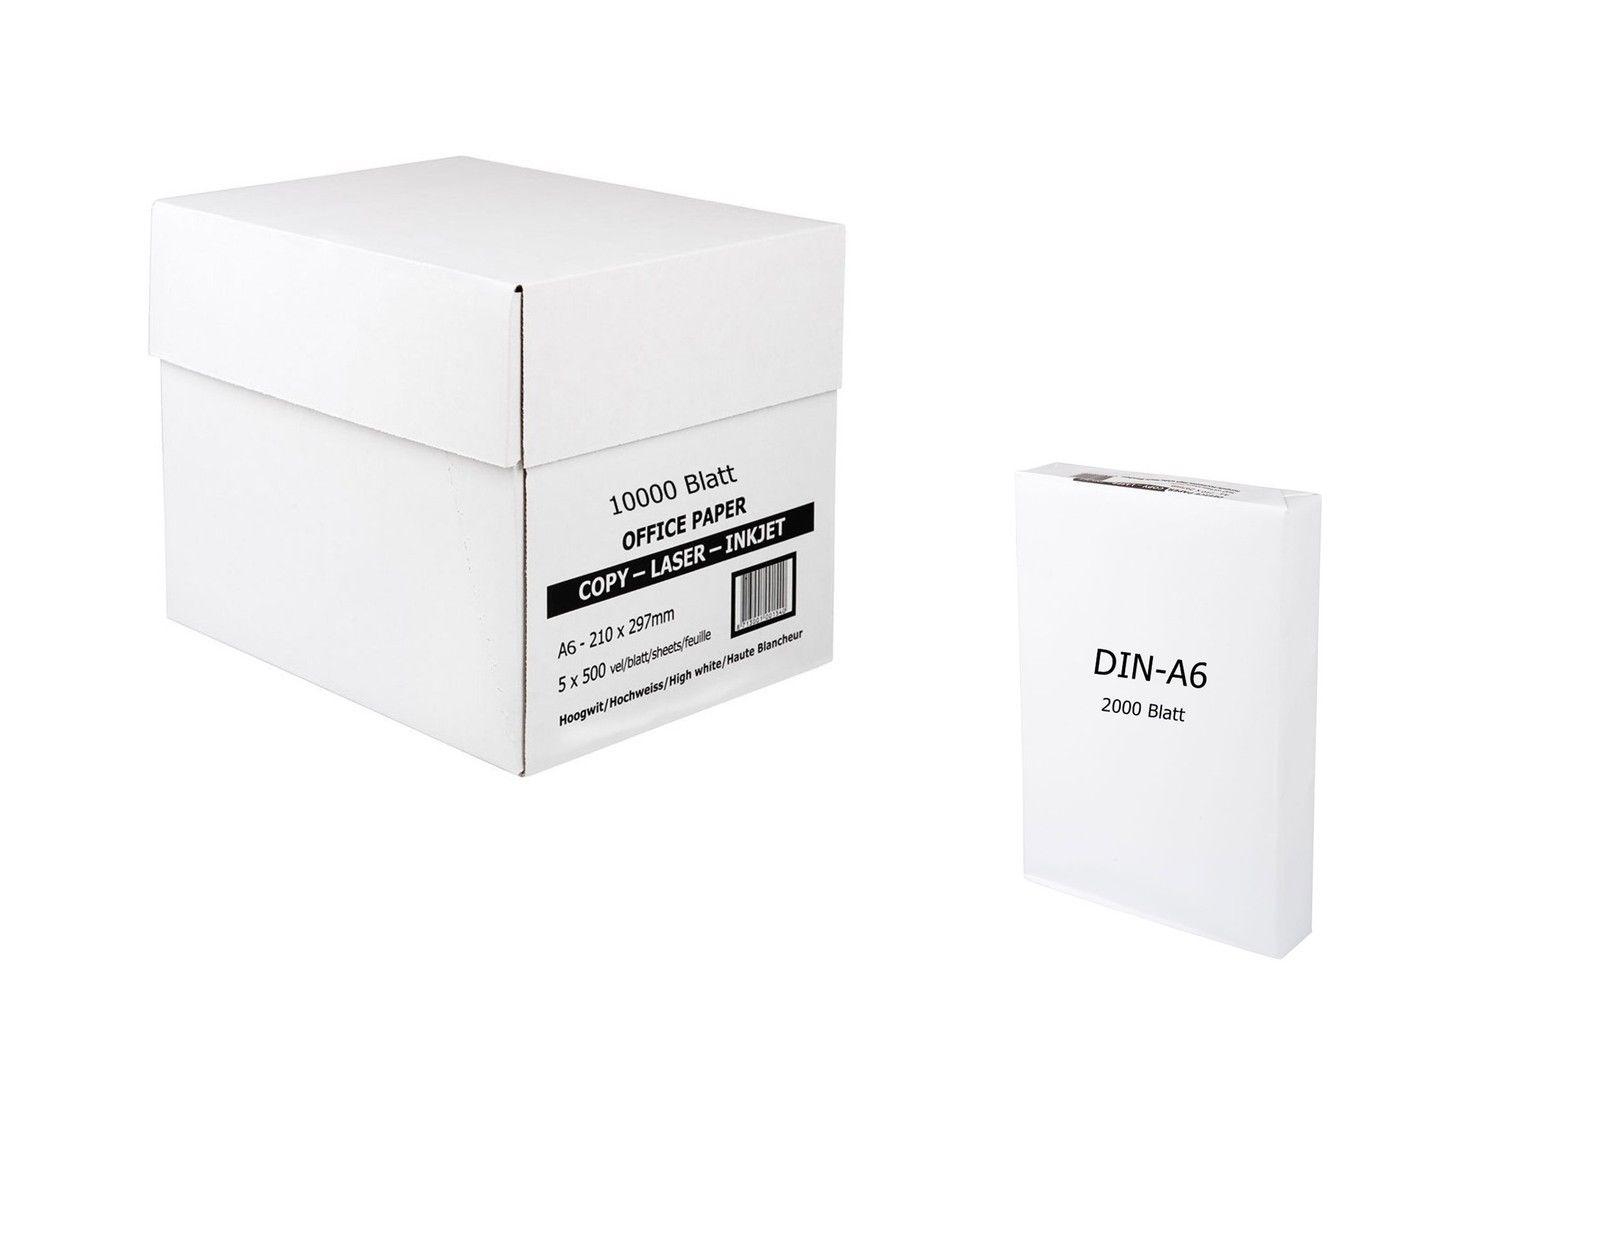 Marken Kopierpapier Papier 80g/m² DIN-A6 2000 Blatt